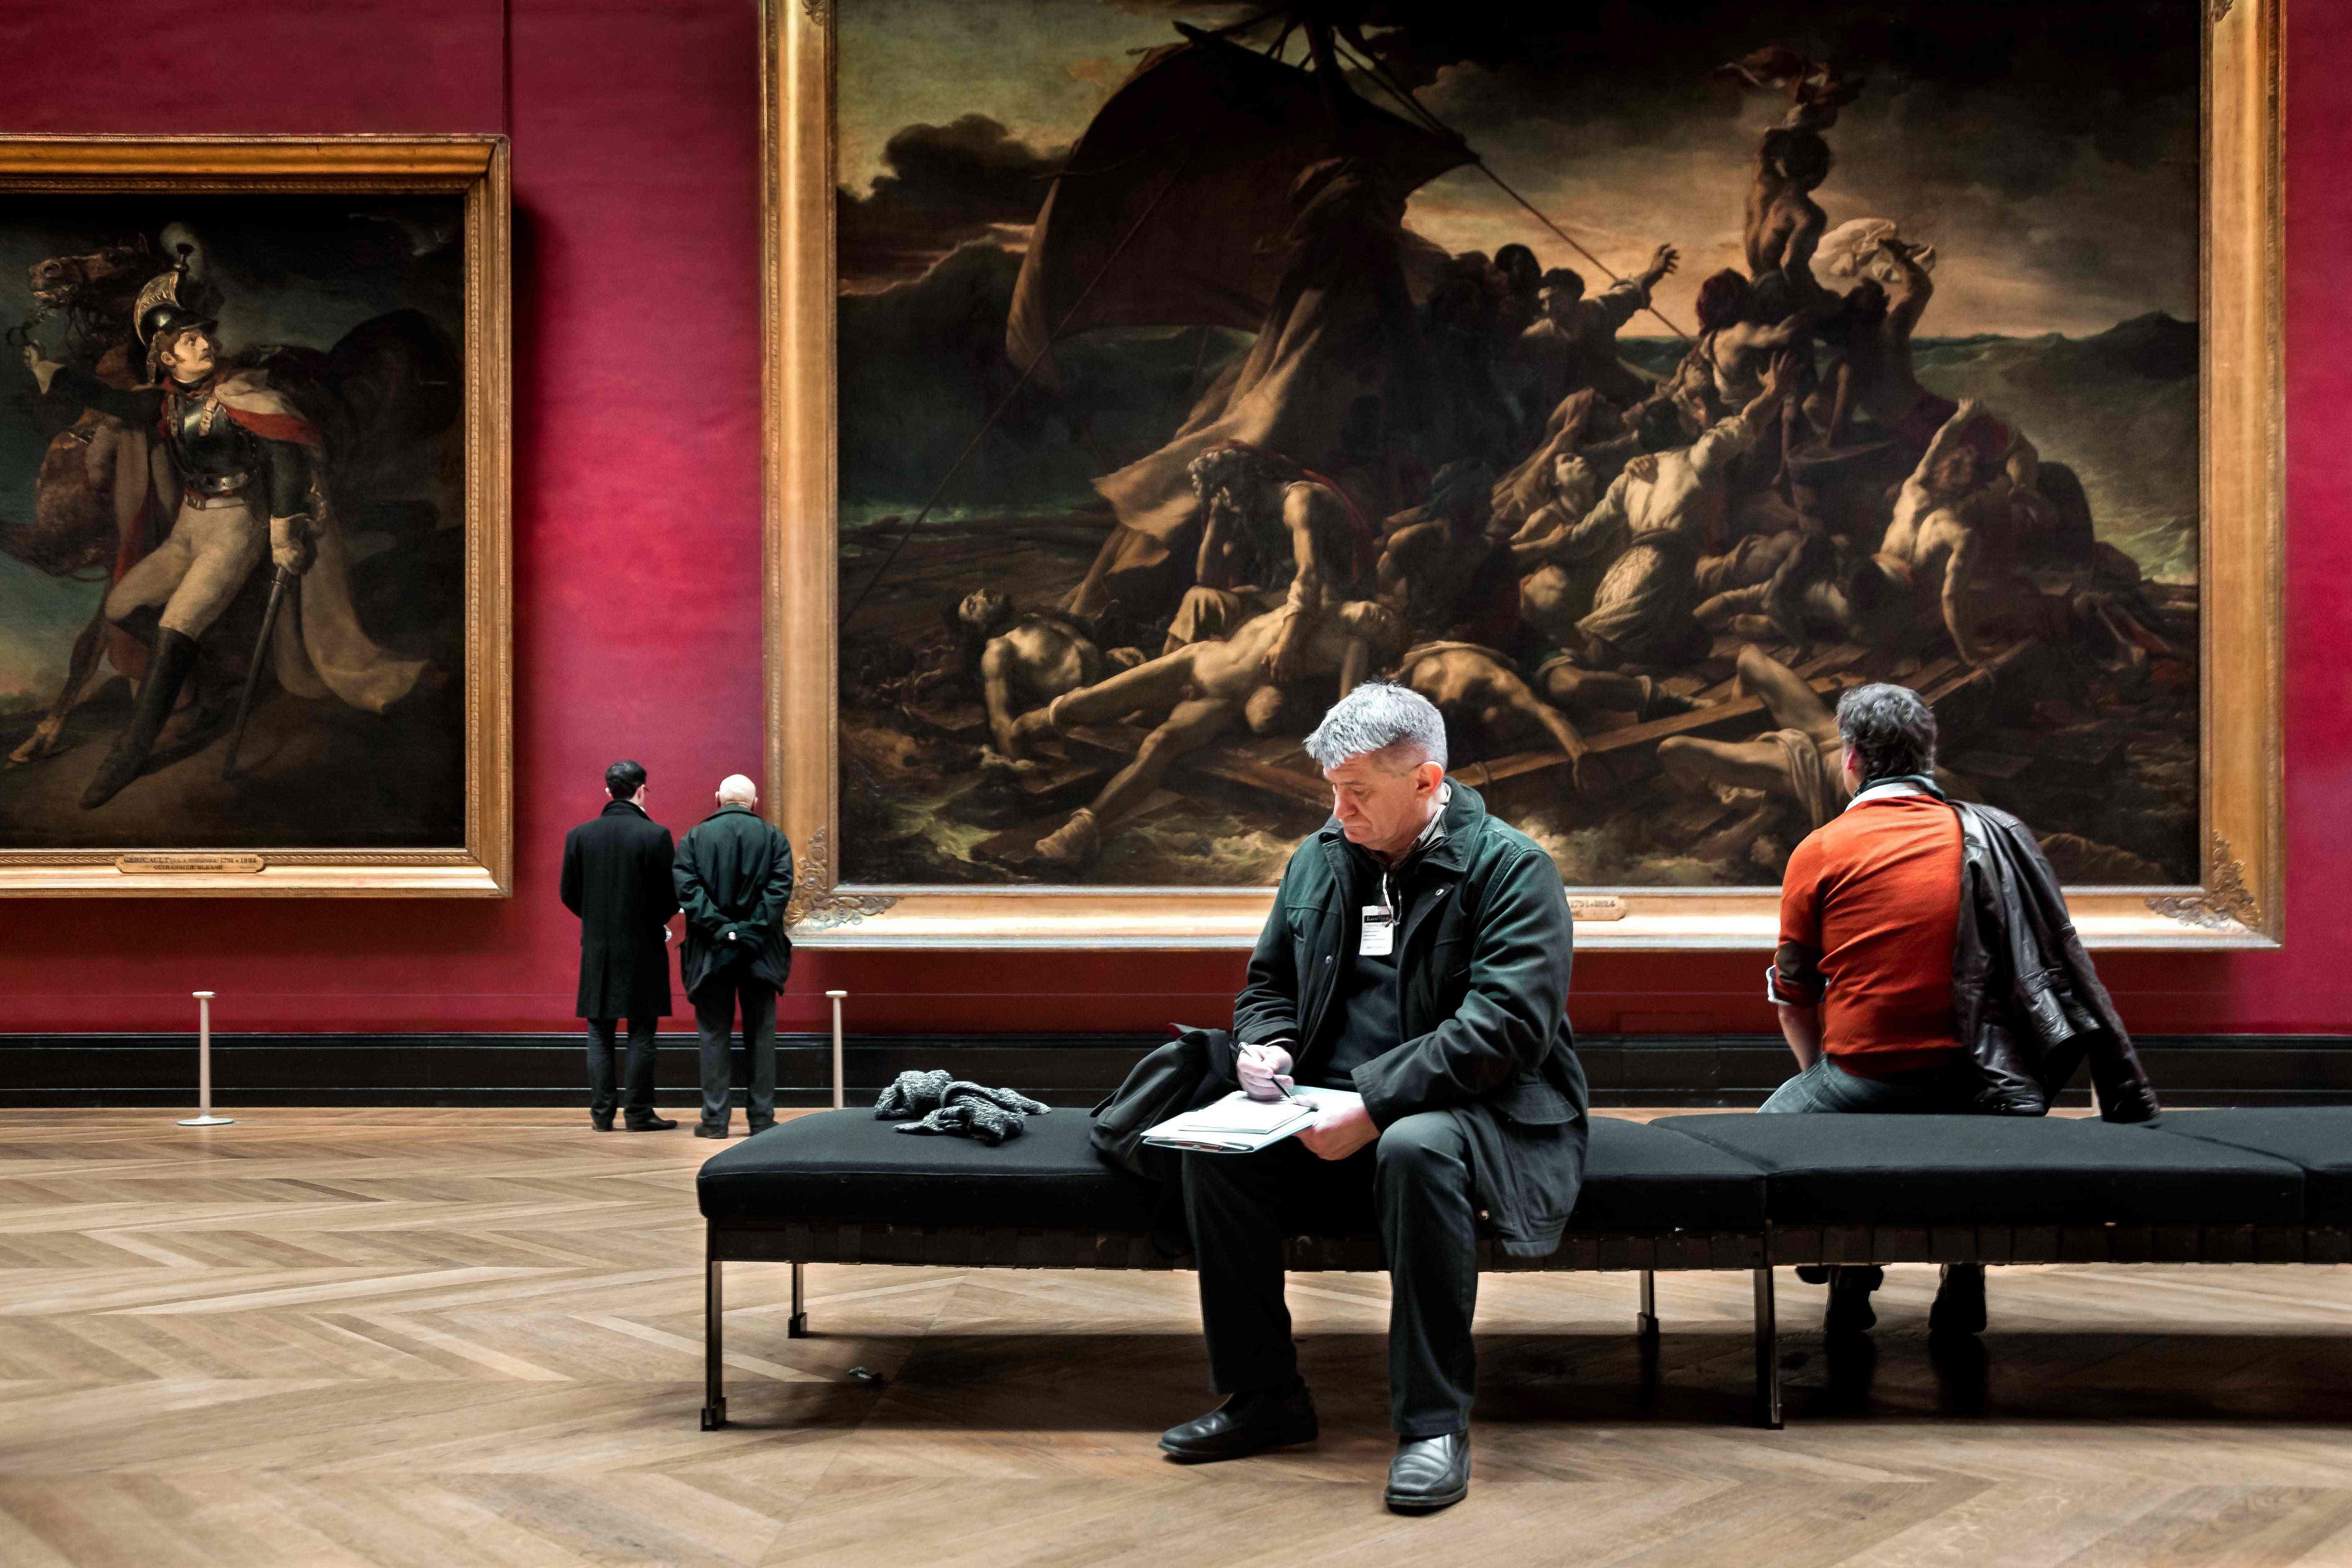 Il regista Aleksandr Sokurov all'interno del museo Louvre di Parigi durante le riprese del suo ultimo film (Foto per gentile concessione di Asac - la Biennale di Venezia)